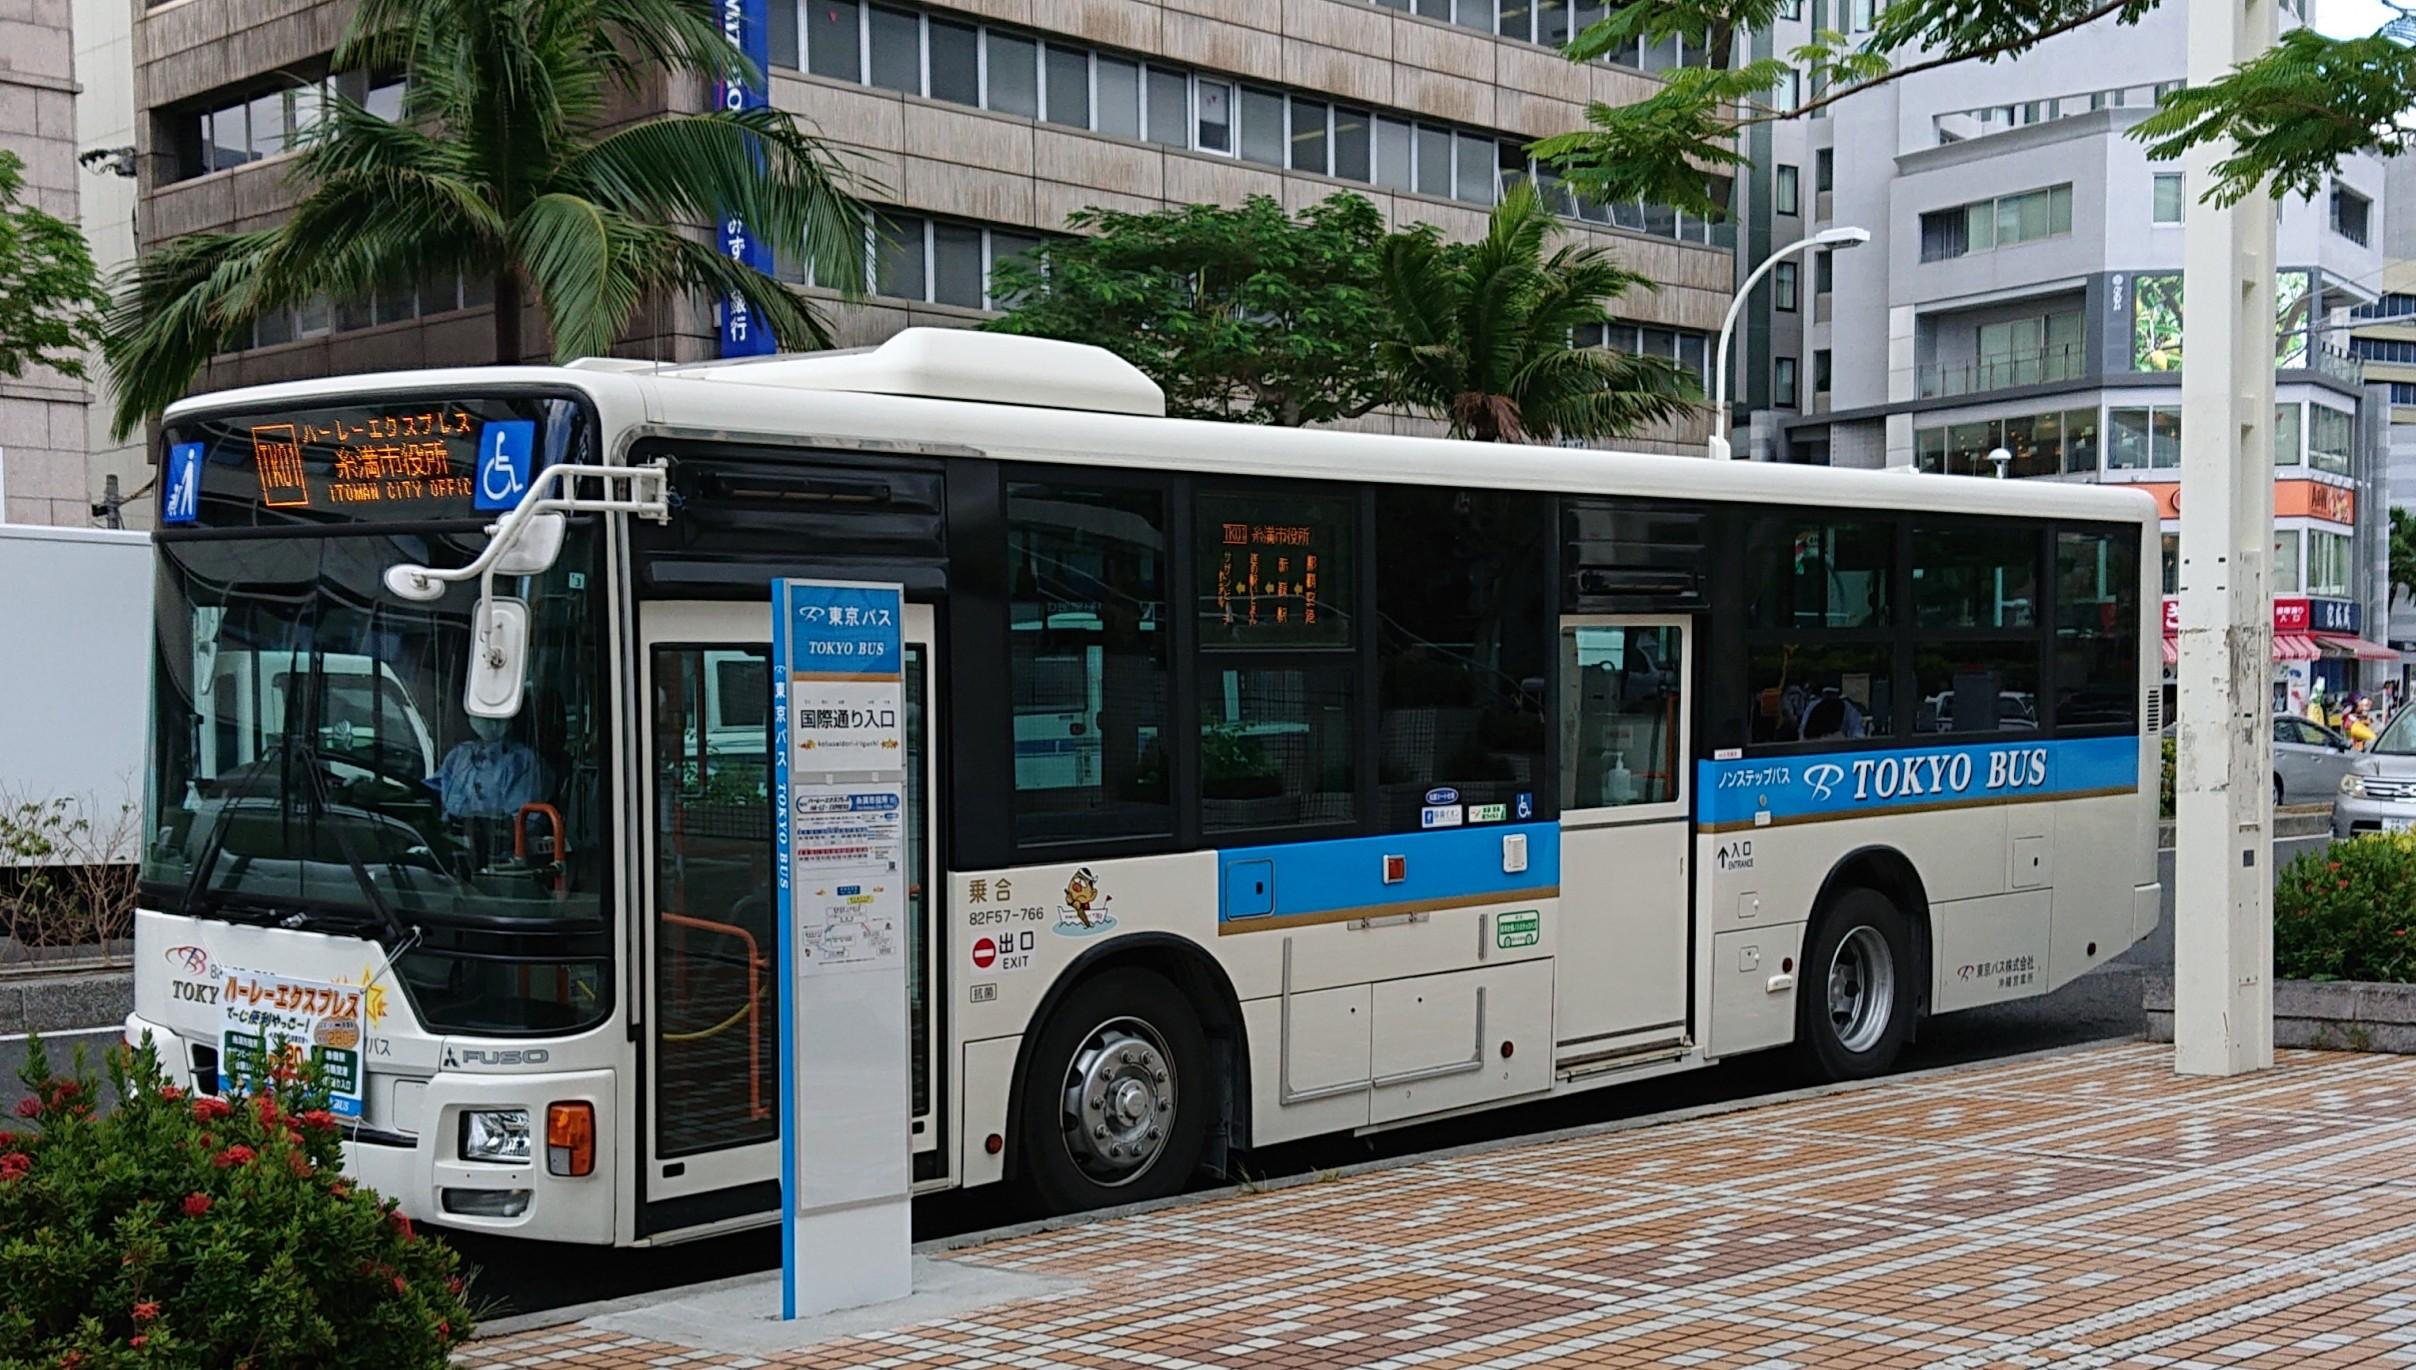 バスも大好き ゆるいつぶやき2 東京バス 「ハーレーエクスプレス」と「ウミカジライナー」